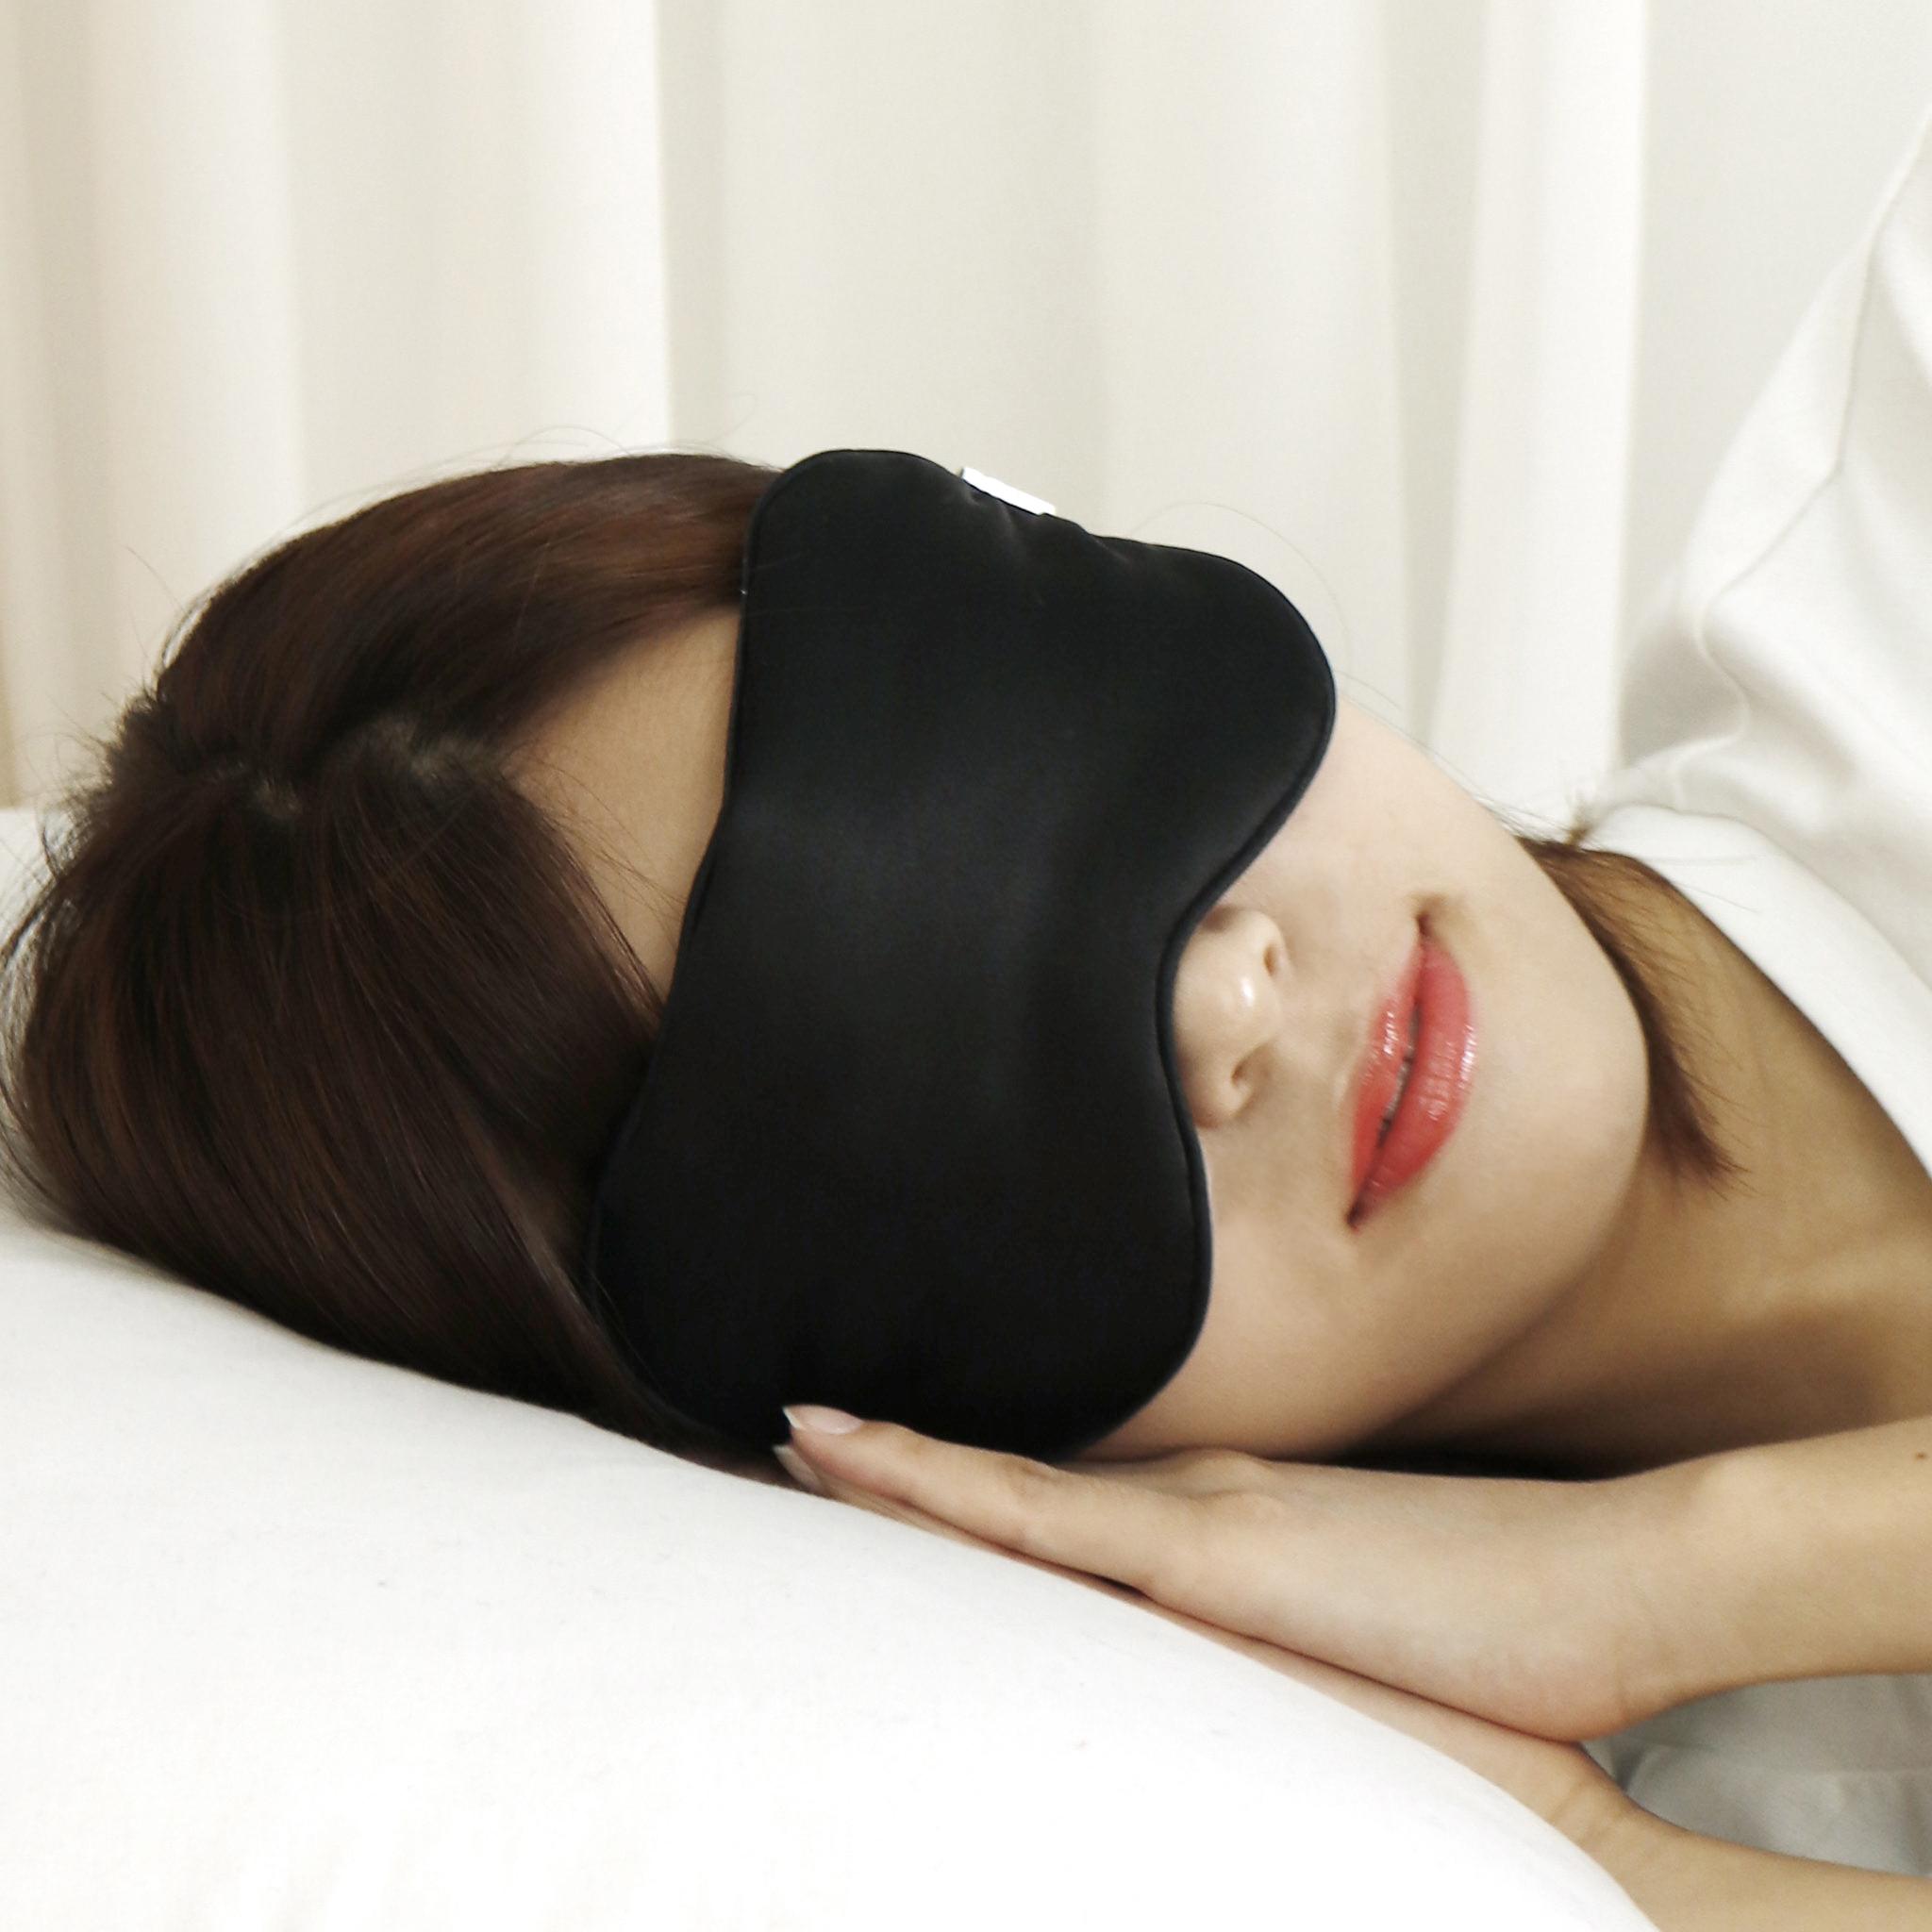 닥터김강 아이슬리핑 프리미엄 실크 수면안대